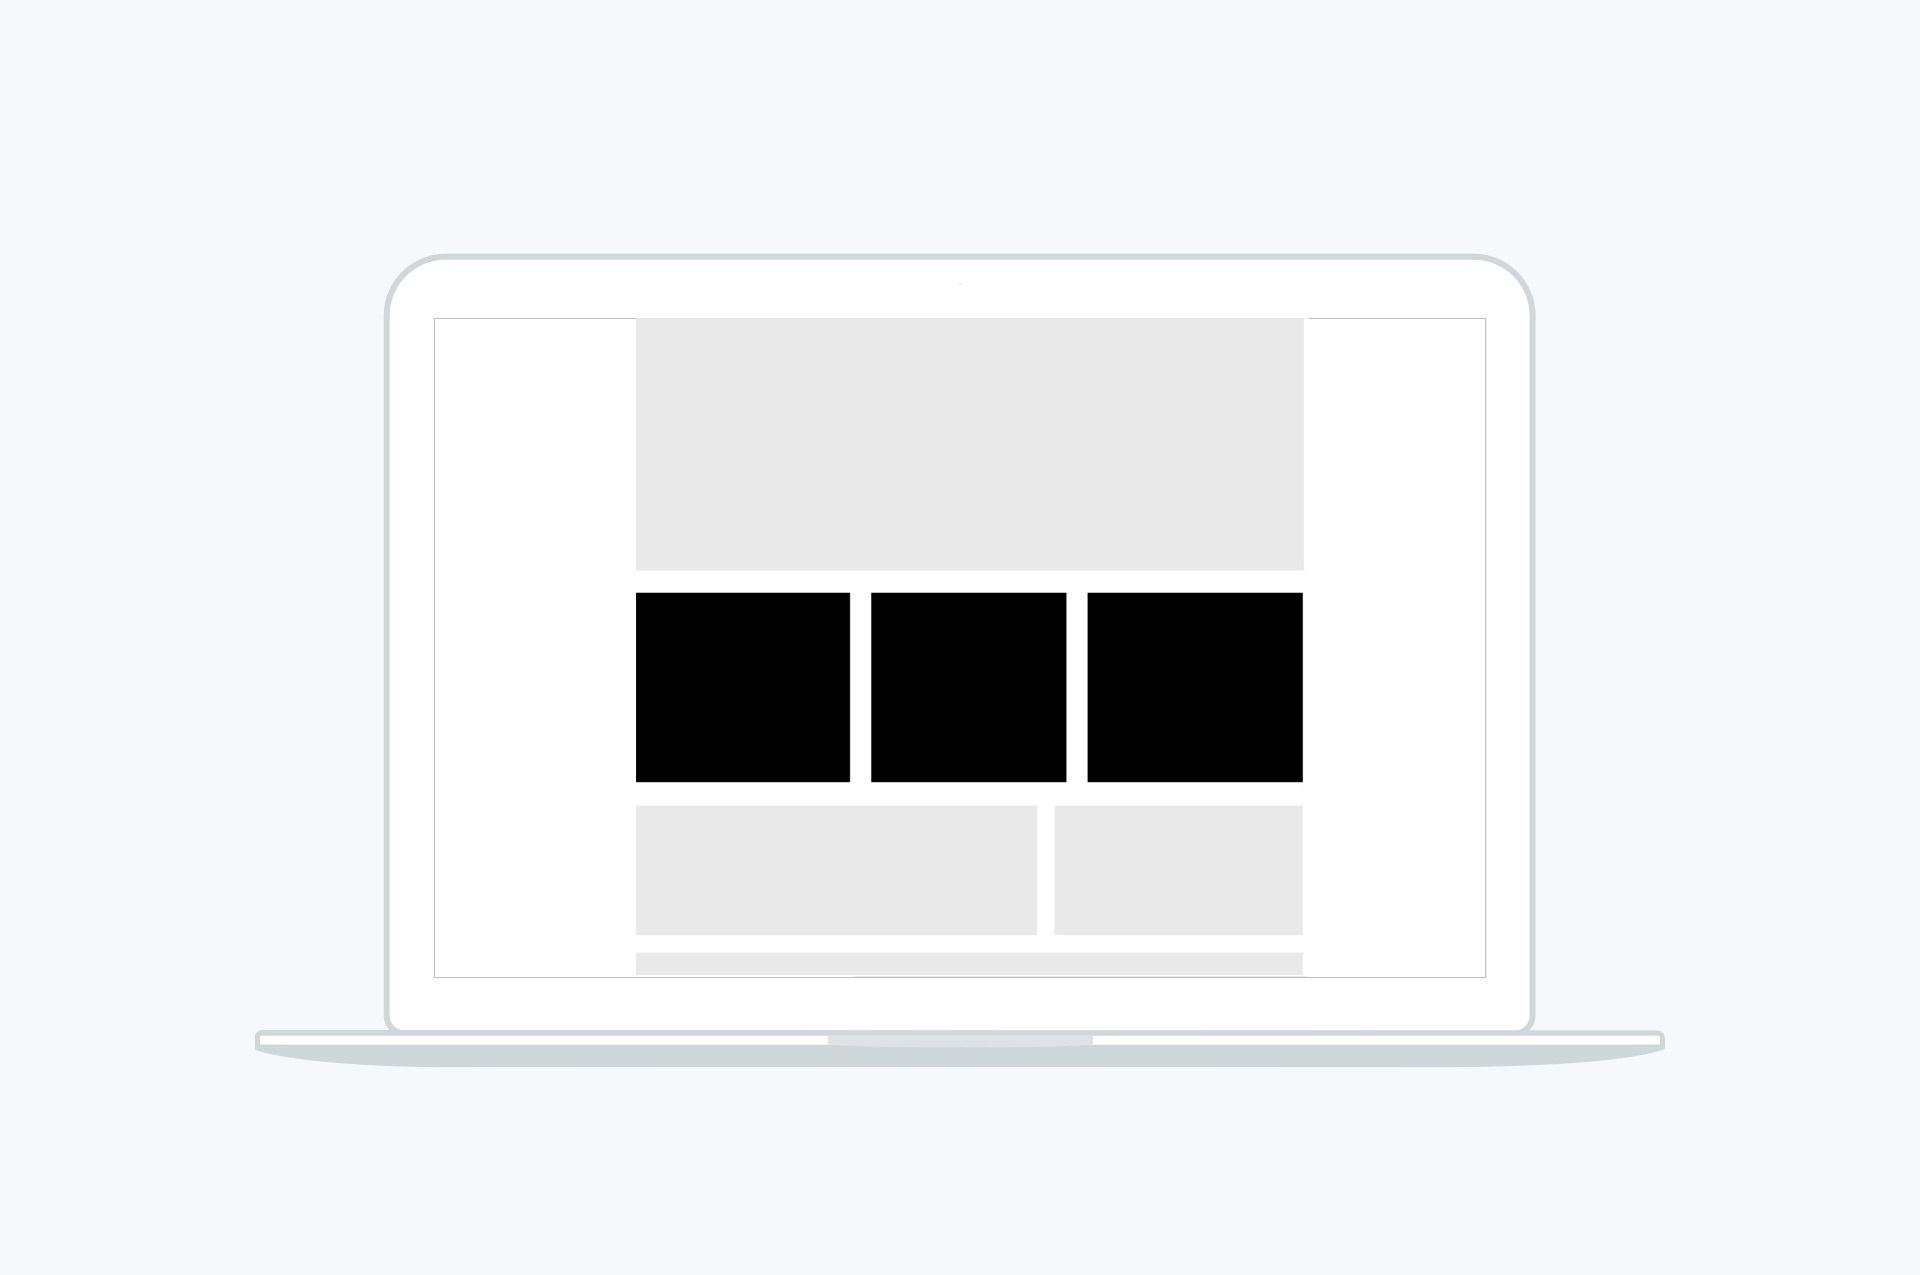 Desktop - Board (smartboard)